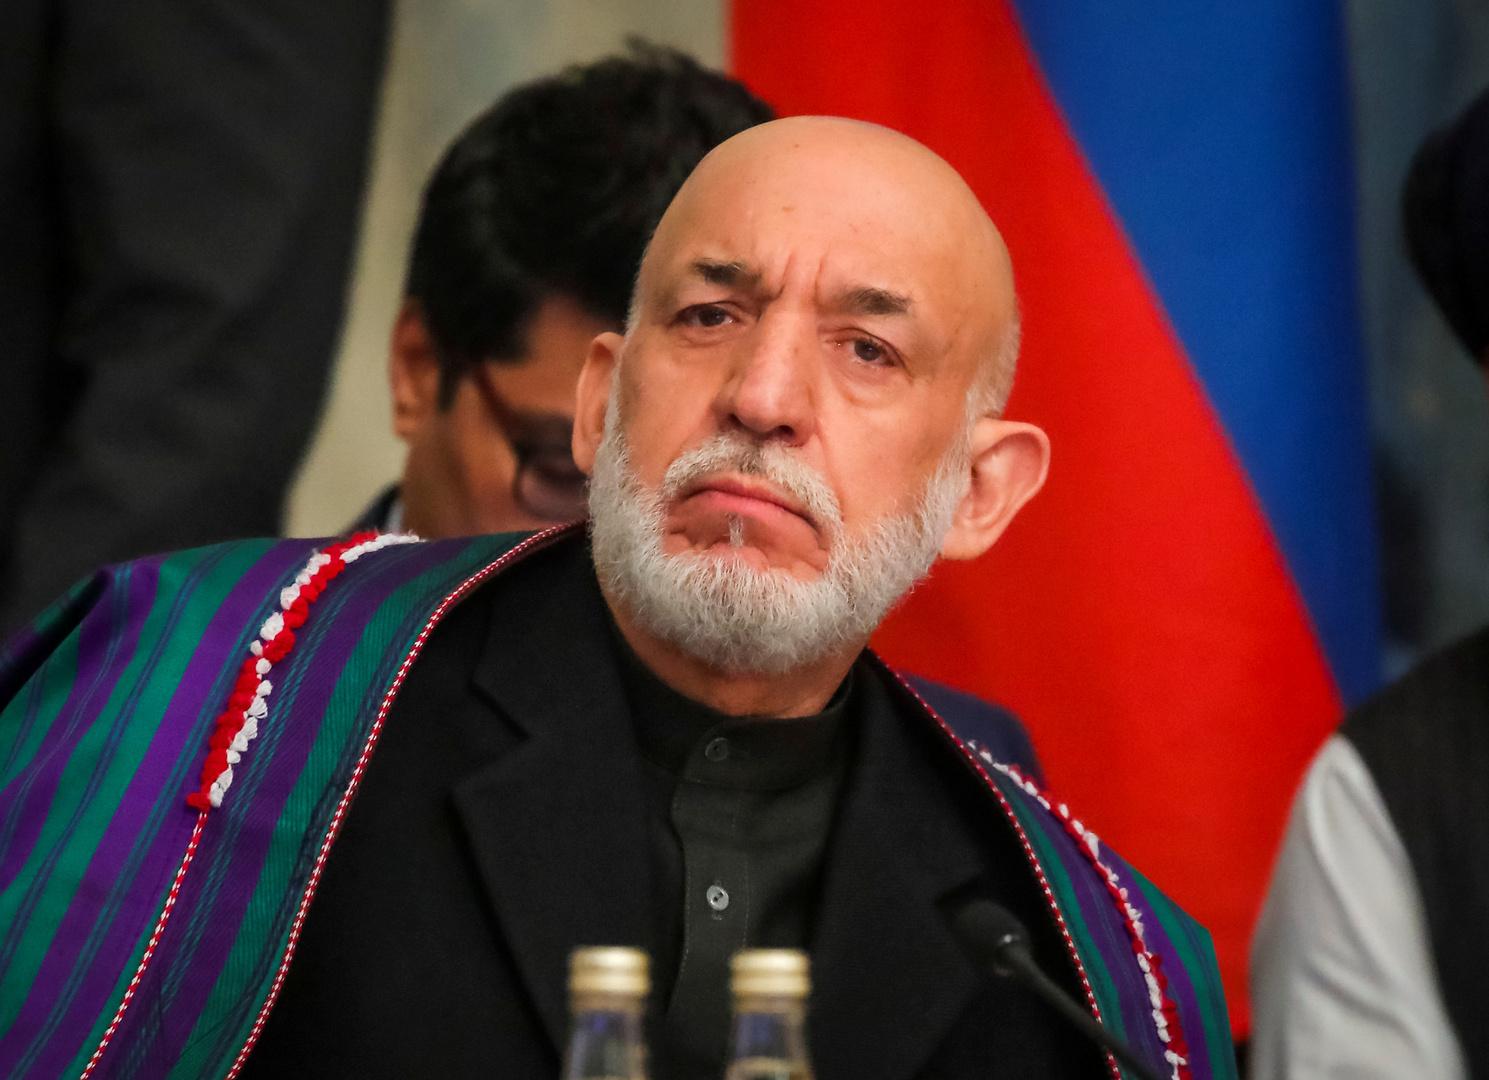 كرزاي: الوضع الحالي في أفغانستان هو نتيجة فشل الحرب الأمريكية